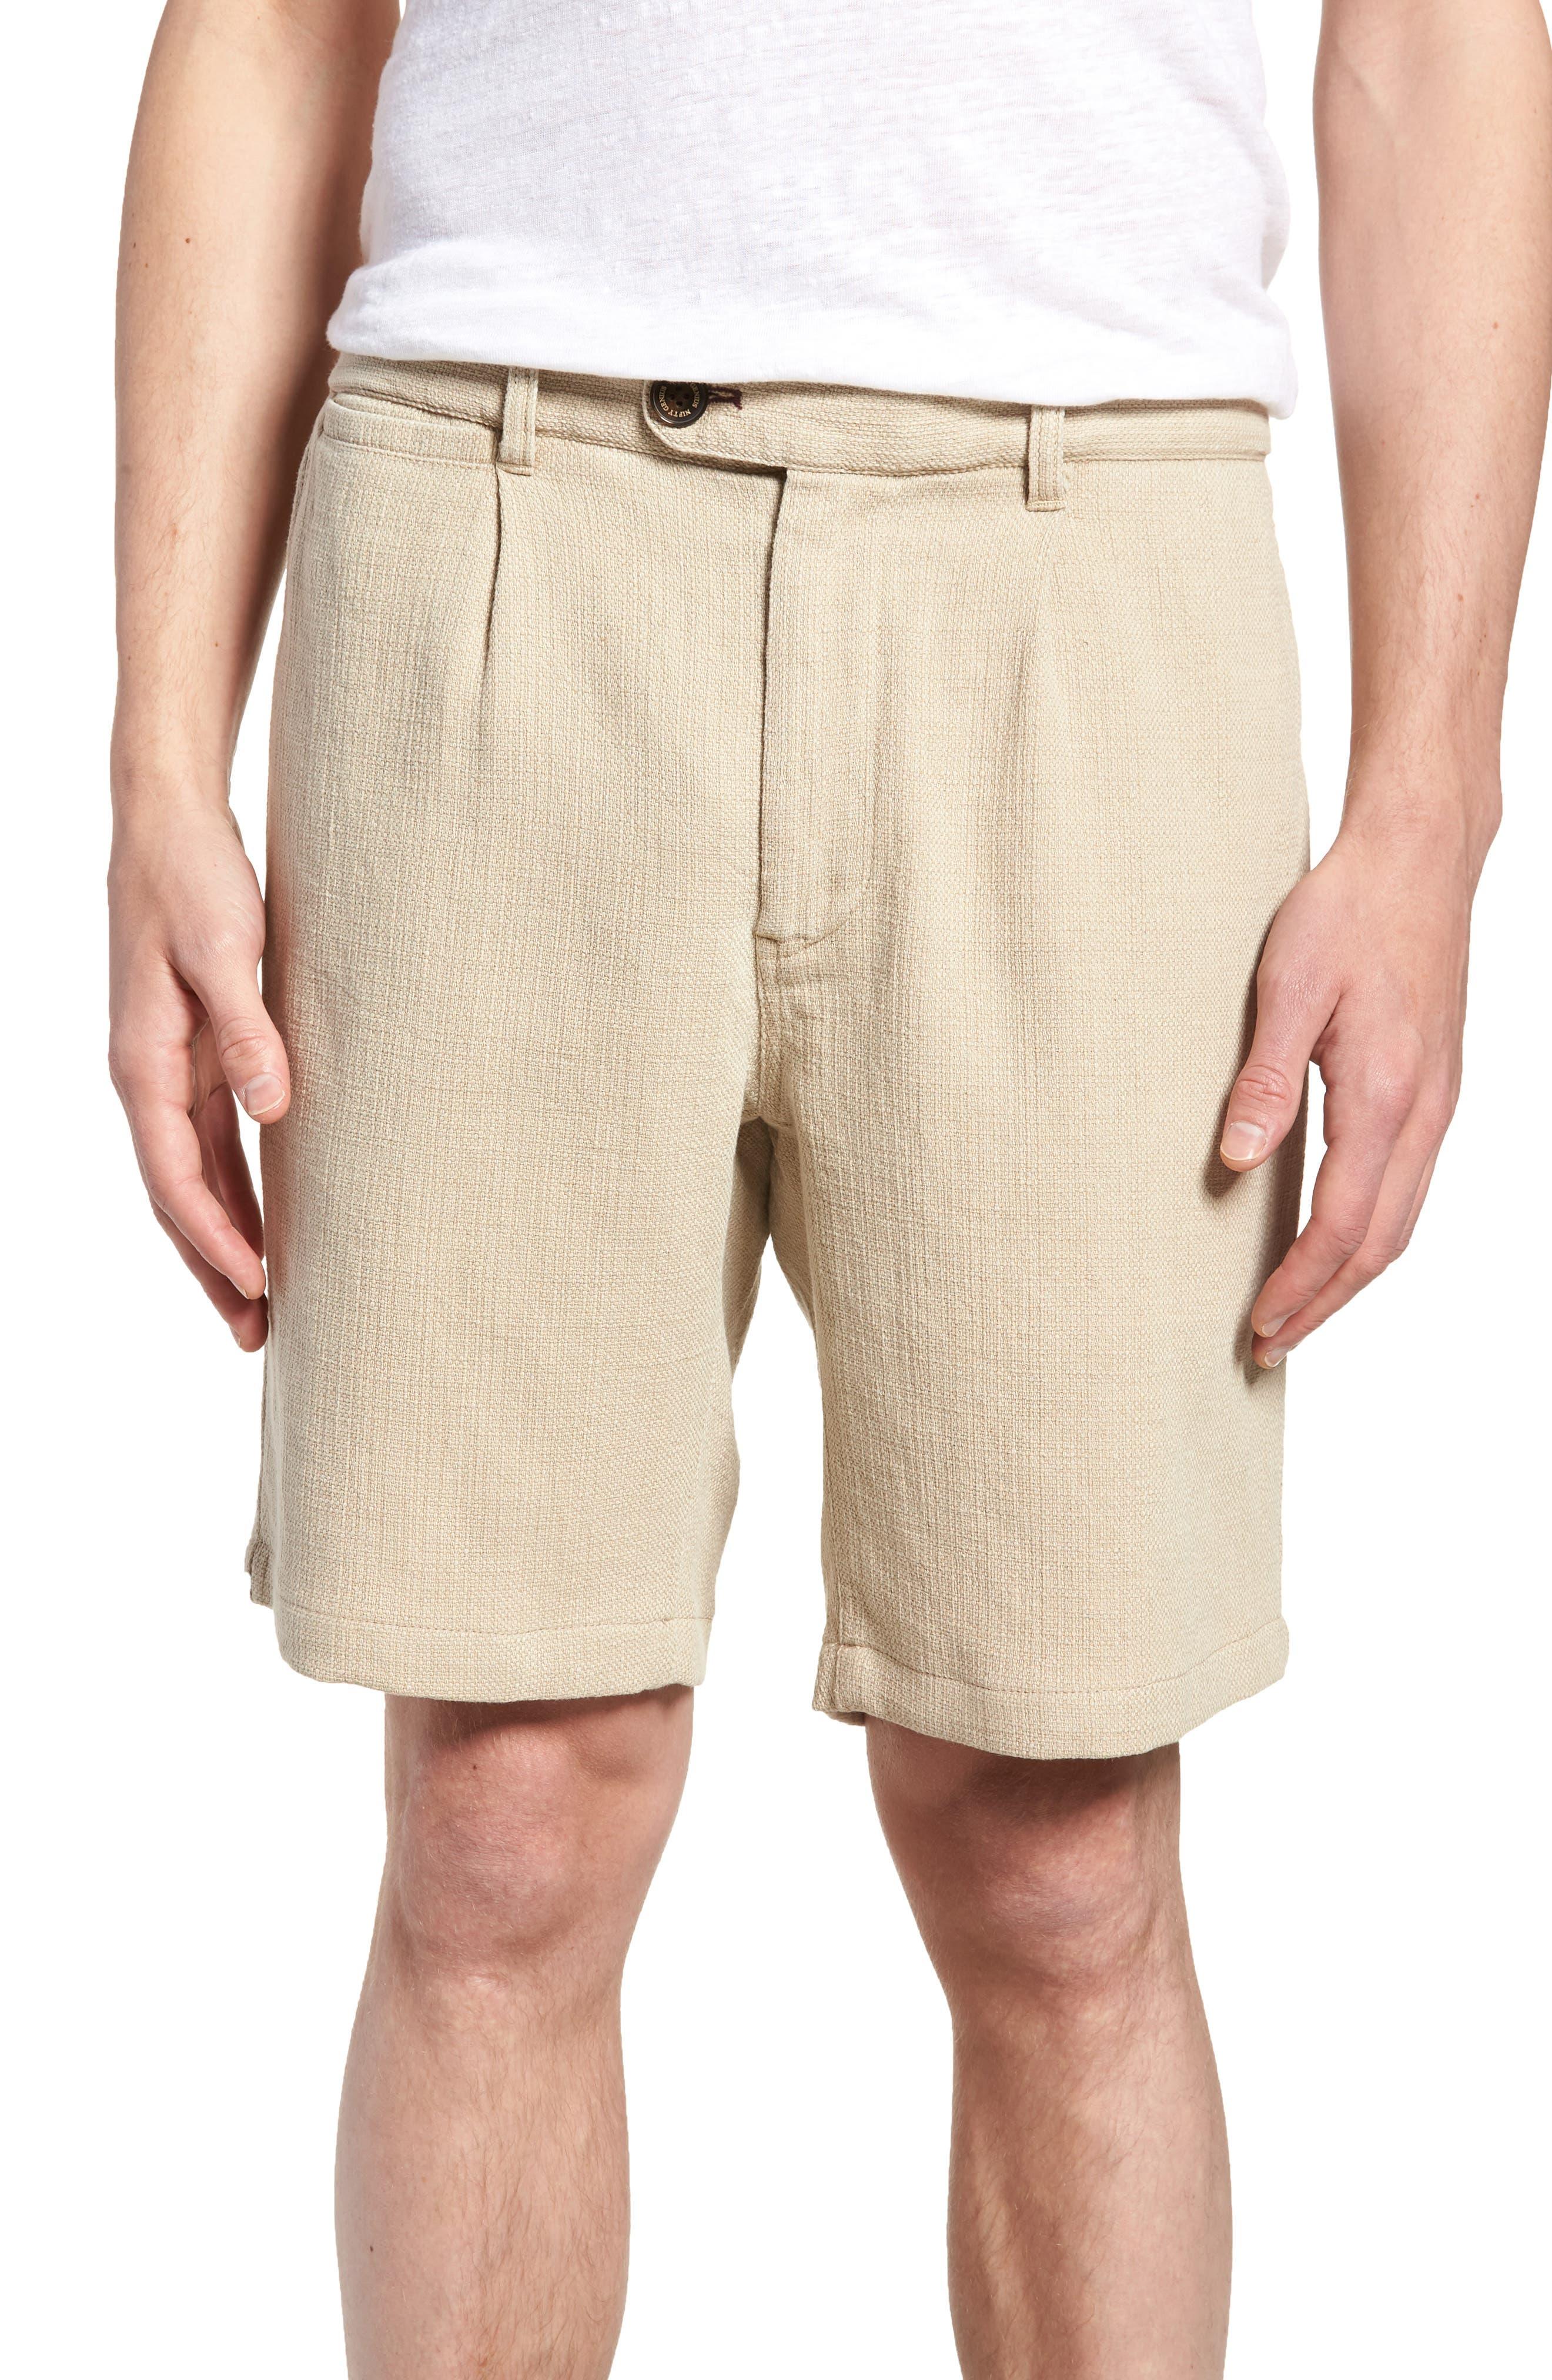 Thomas Regular Fit Pleated Shorts,                             Main thumbnail 1, color,                             250